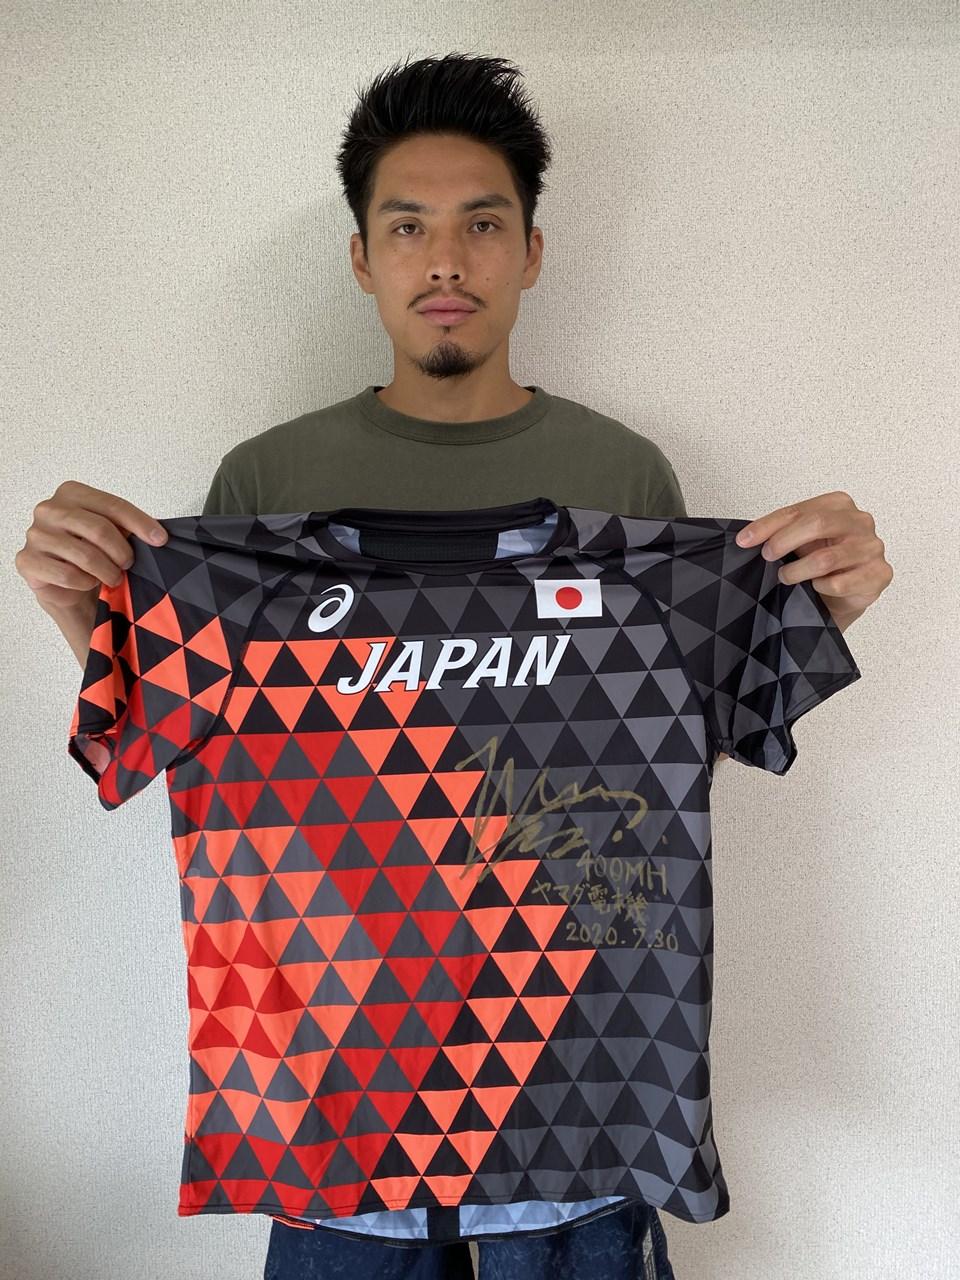 【日本陸連公式】安部 孝駿 選手 (Tシャツ)